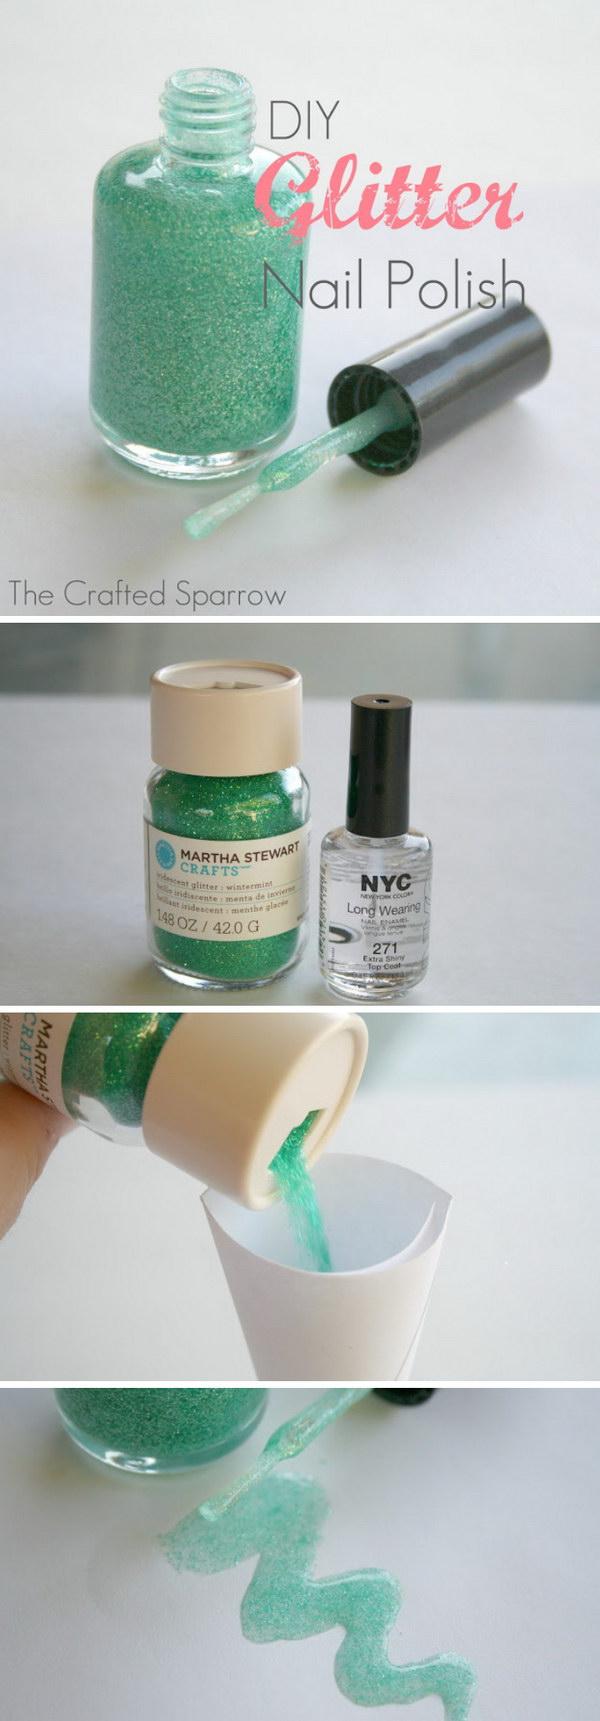 DIY Glitter Nail Polish. Mix a clear nail polish with craft glitter or an eye shadow make your own glitter nail polish!